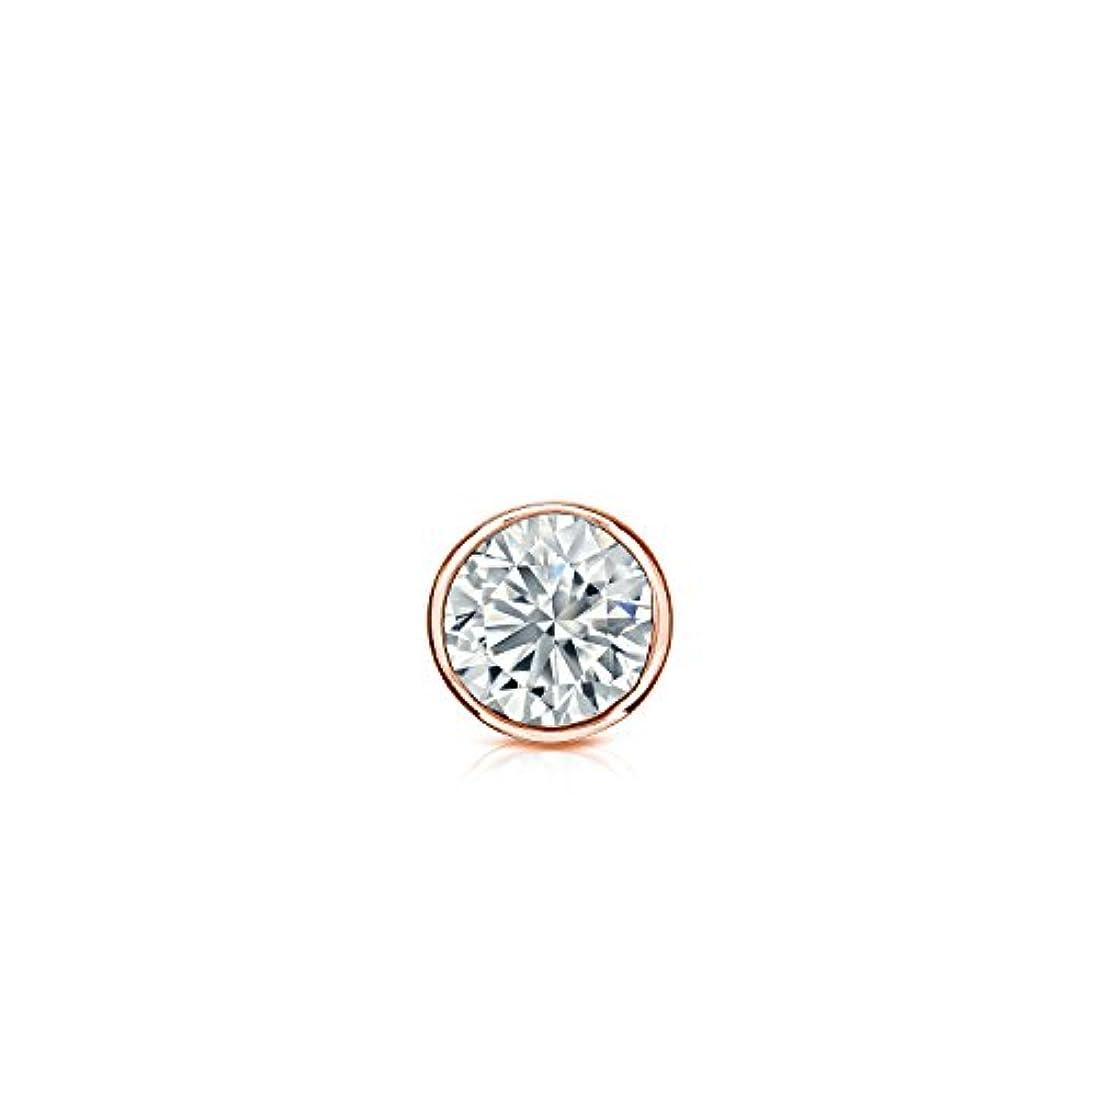 明らかに団結バング10 Kゴールドbezel-setラウンドダイヤモンドシングルスタッドイヤリング( 0.08ct、Good、i1 - i2 ) screw-back